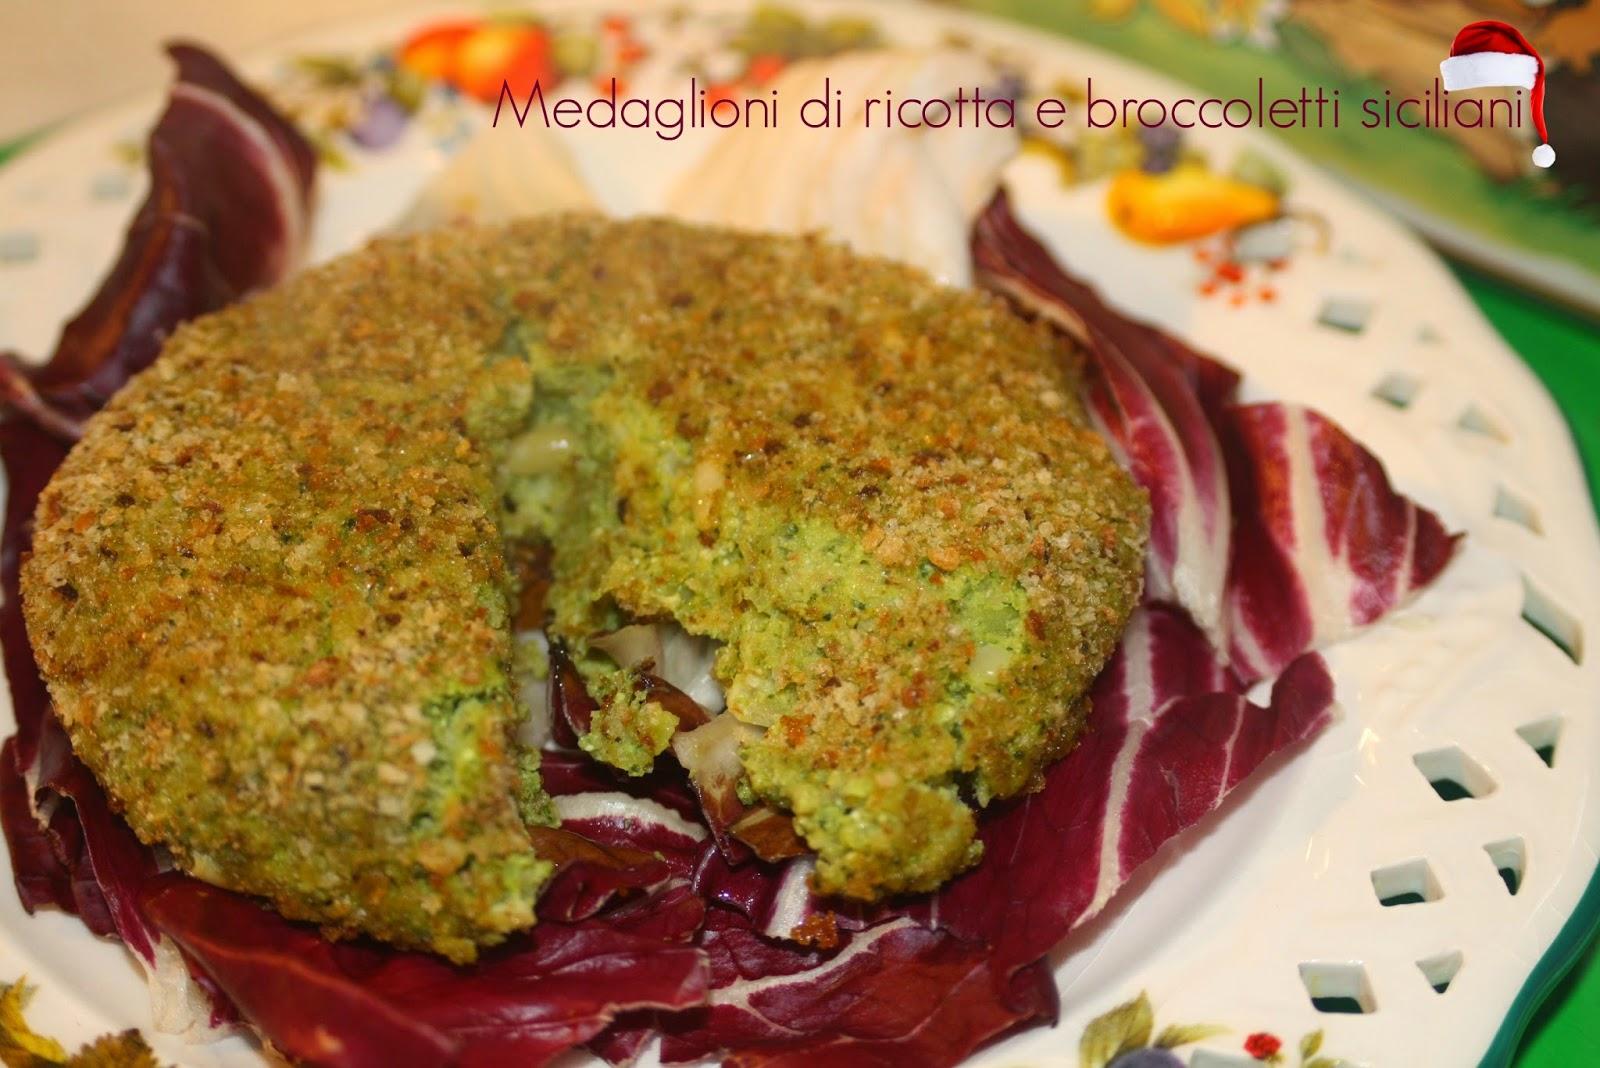 #31  stagioniamo con babbo natale - medaglioni di ricotta, broccoletti siciliani e pinoli